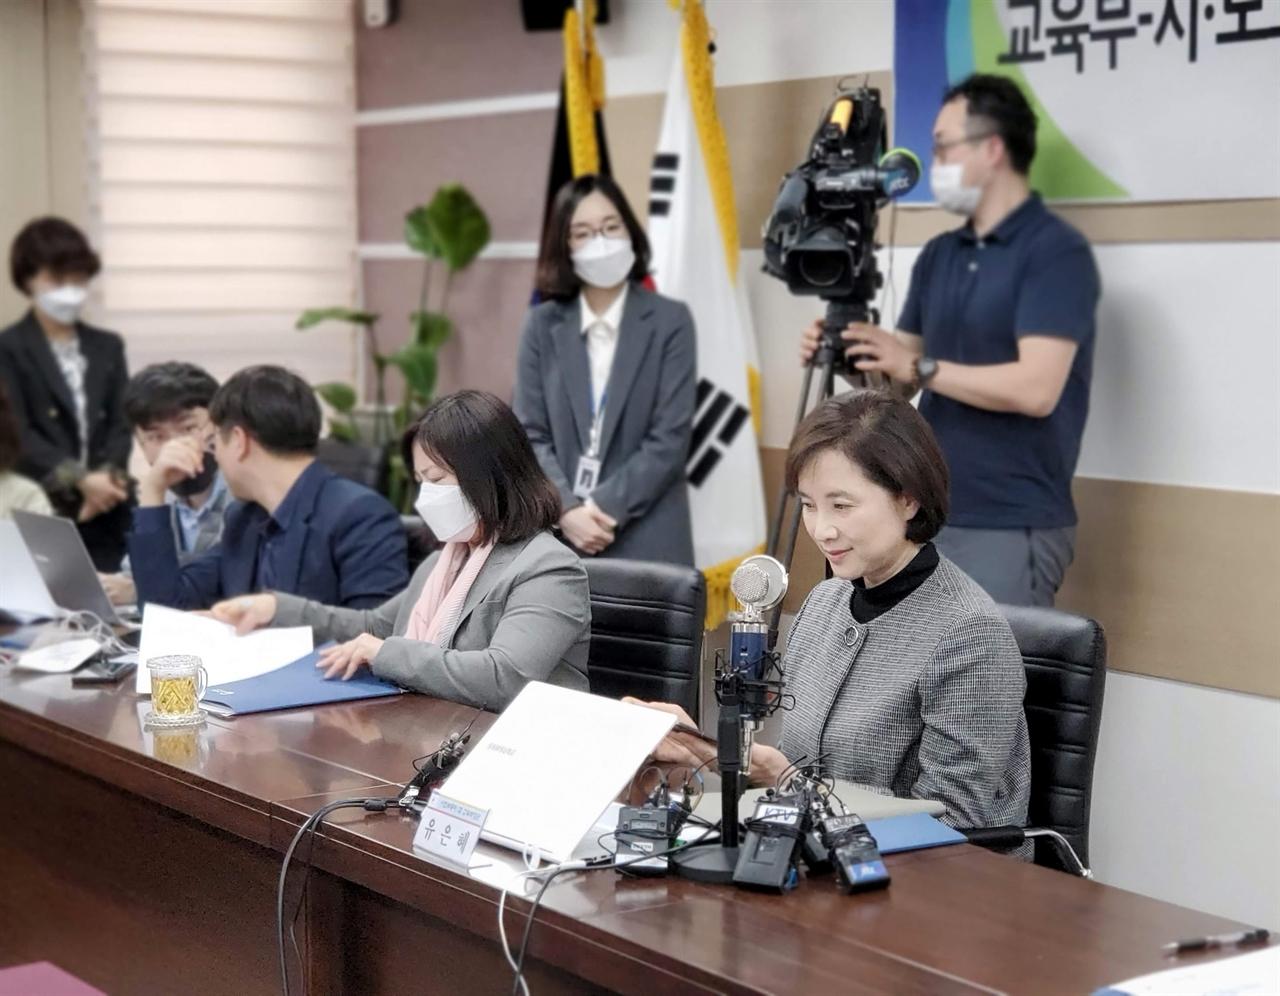 25일 오후 유은혜 교육부장관이 서울 여의도 교육시설공제회관에서 원격수업 시연 모습을 노트북을 통해 보고 있다.